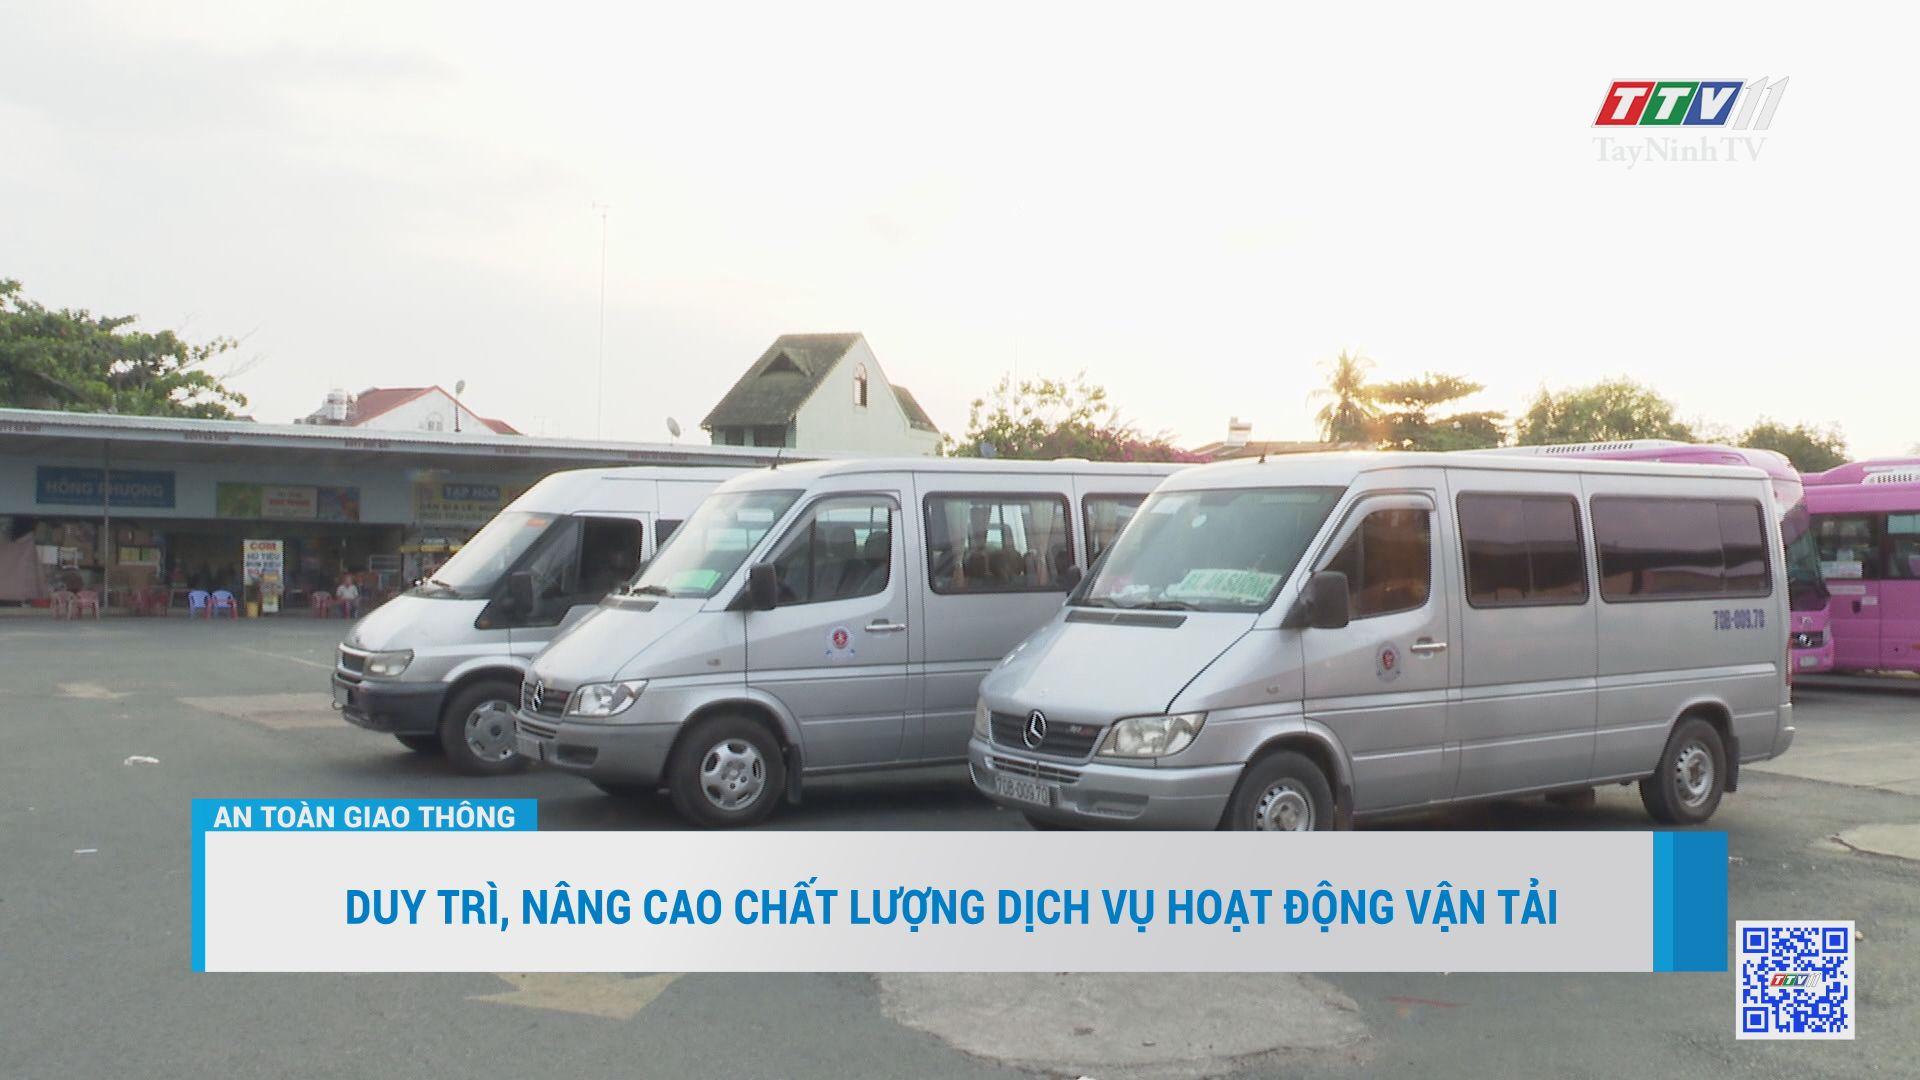 Duy trì, nâng cao chất lượng dịch vụ hoạt động vận tải | AN TOÀN GIAO THÔNG | TayNinhTV